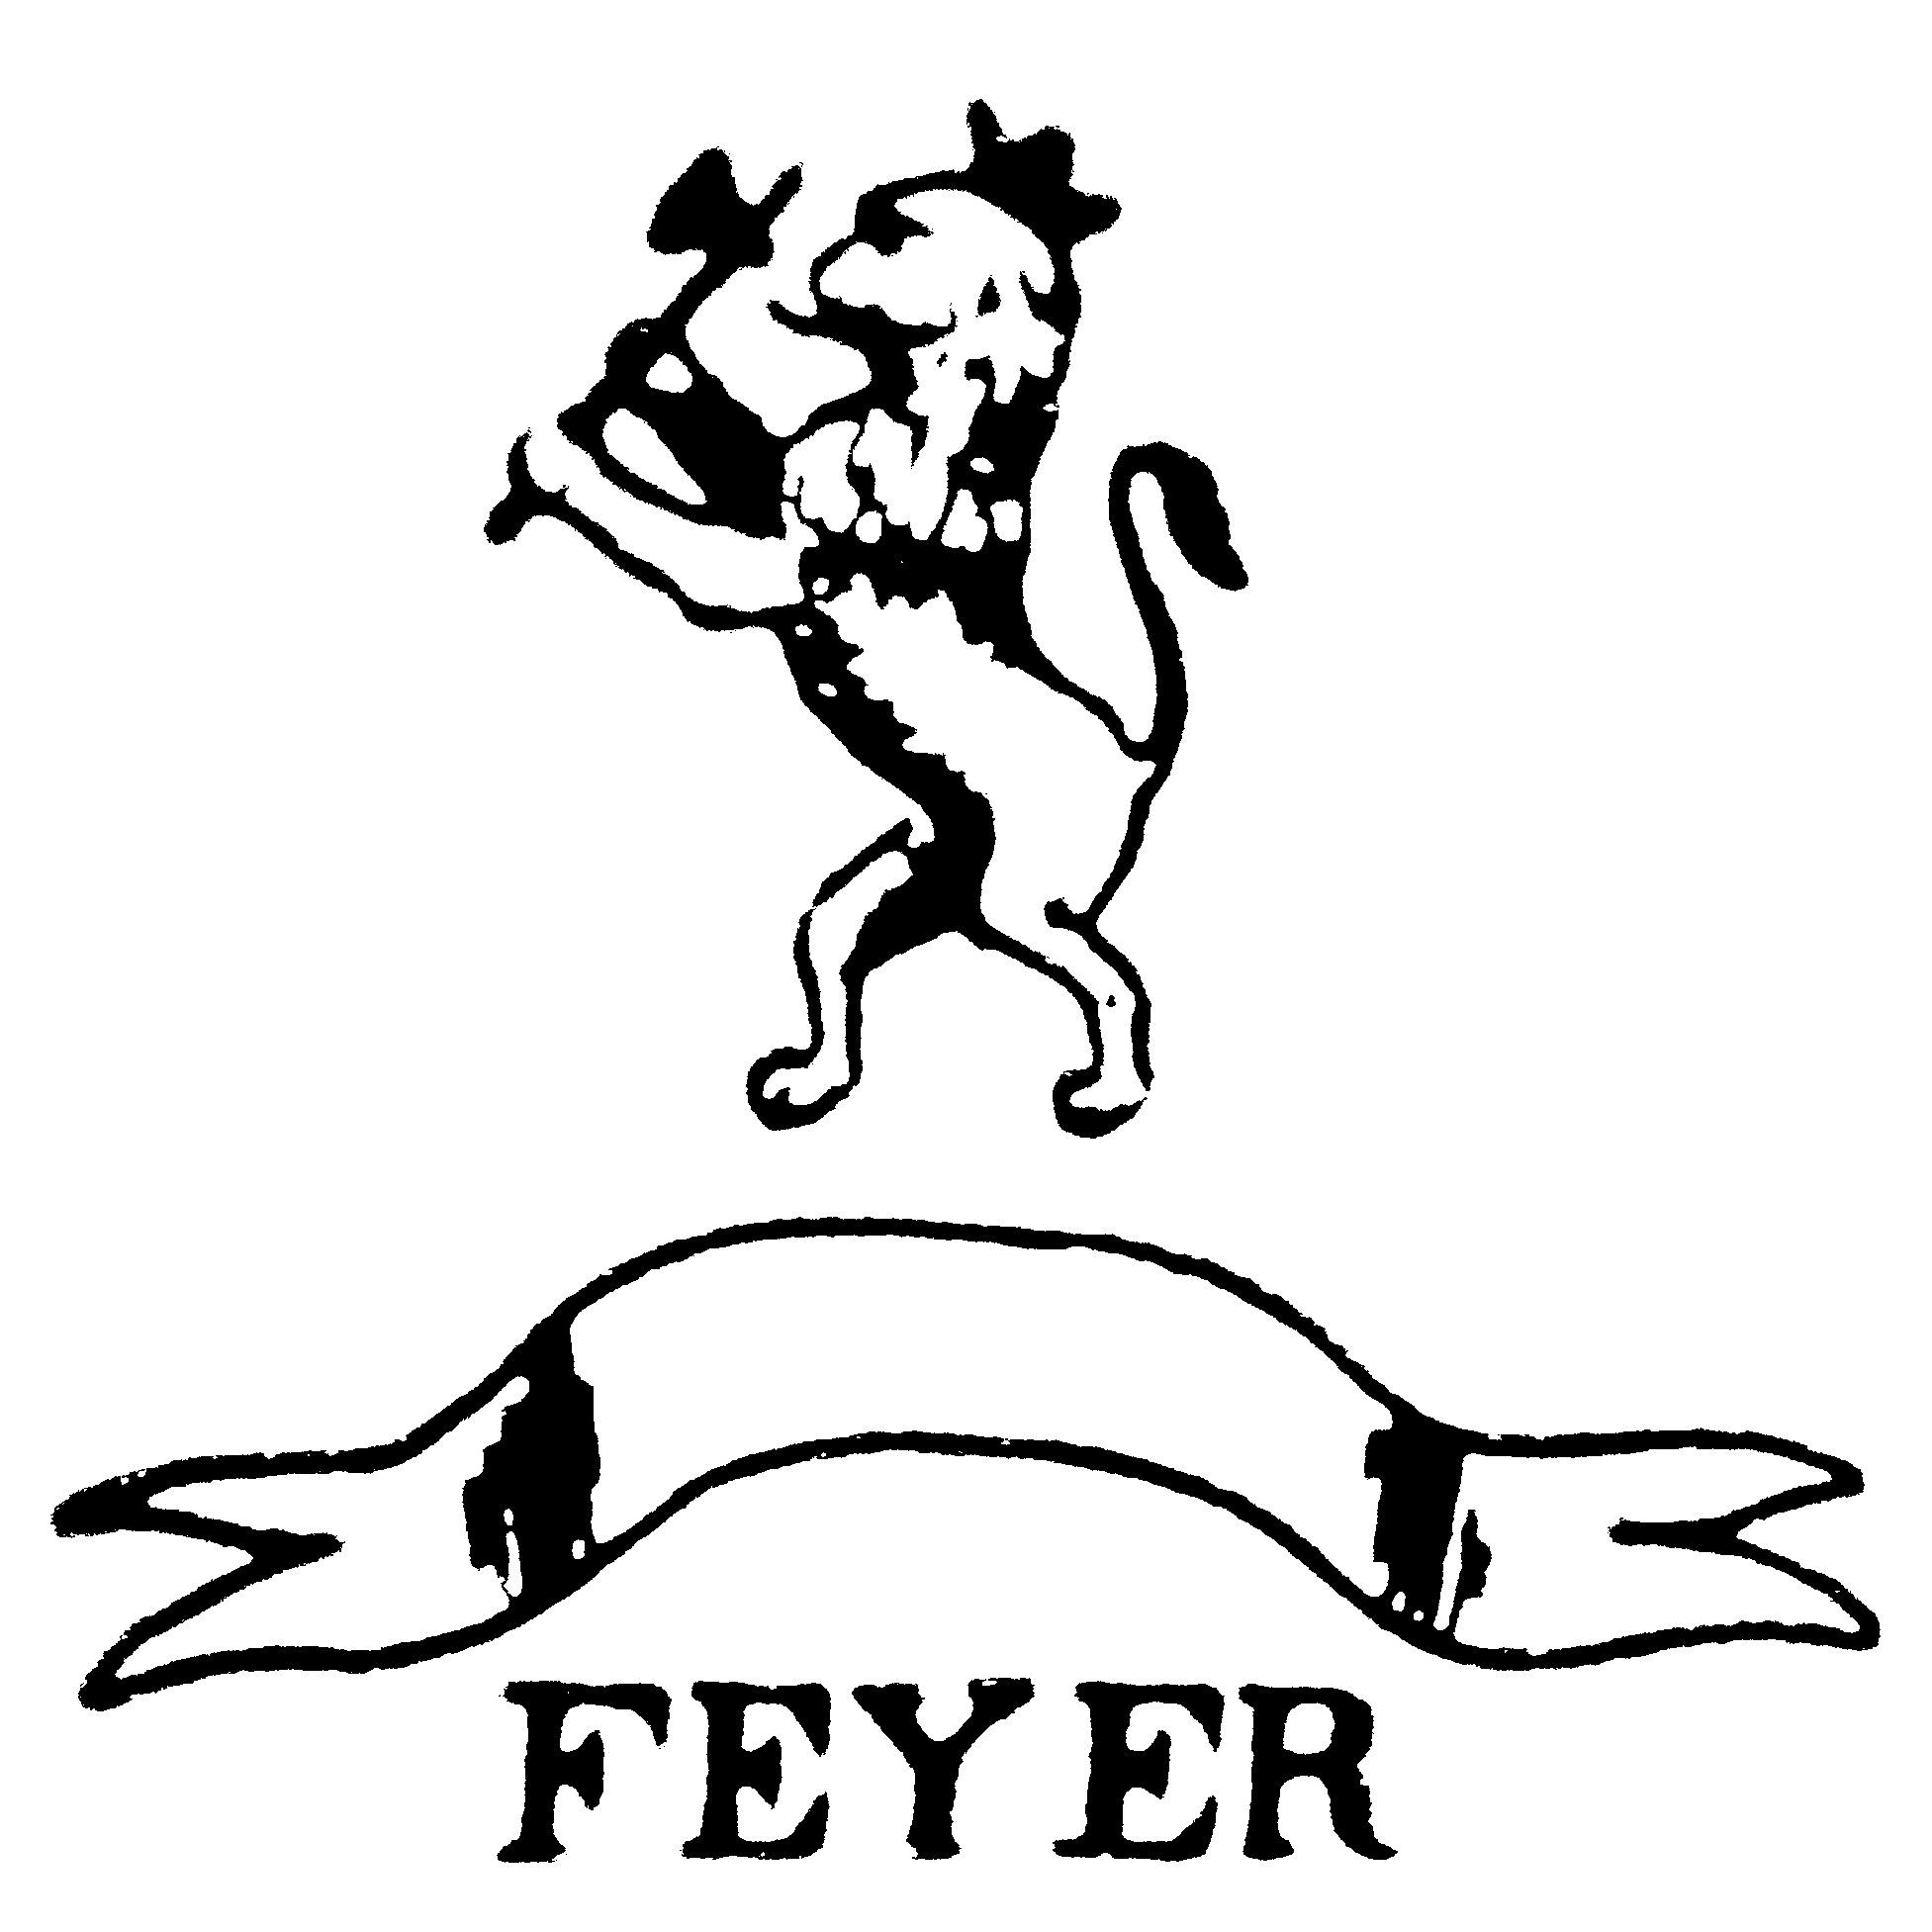 Stempel fra A/S Egersunds Fayancefabriks Co. cirka 1867-1877